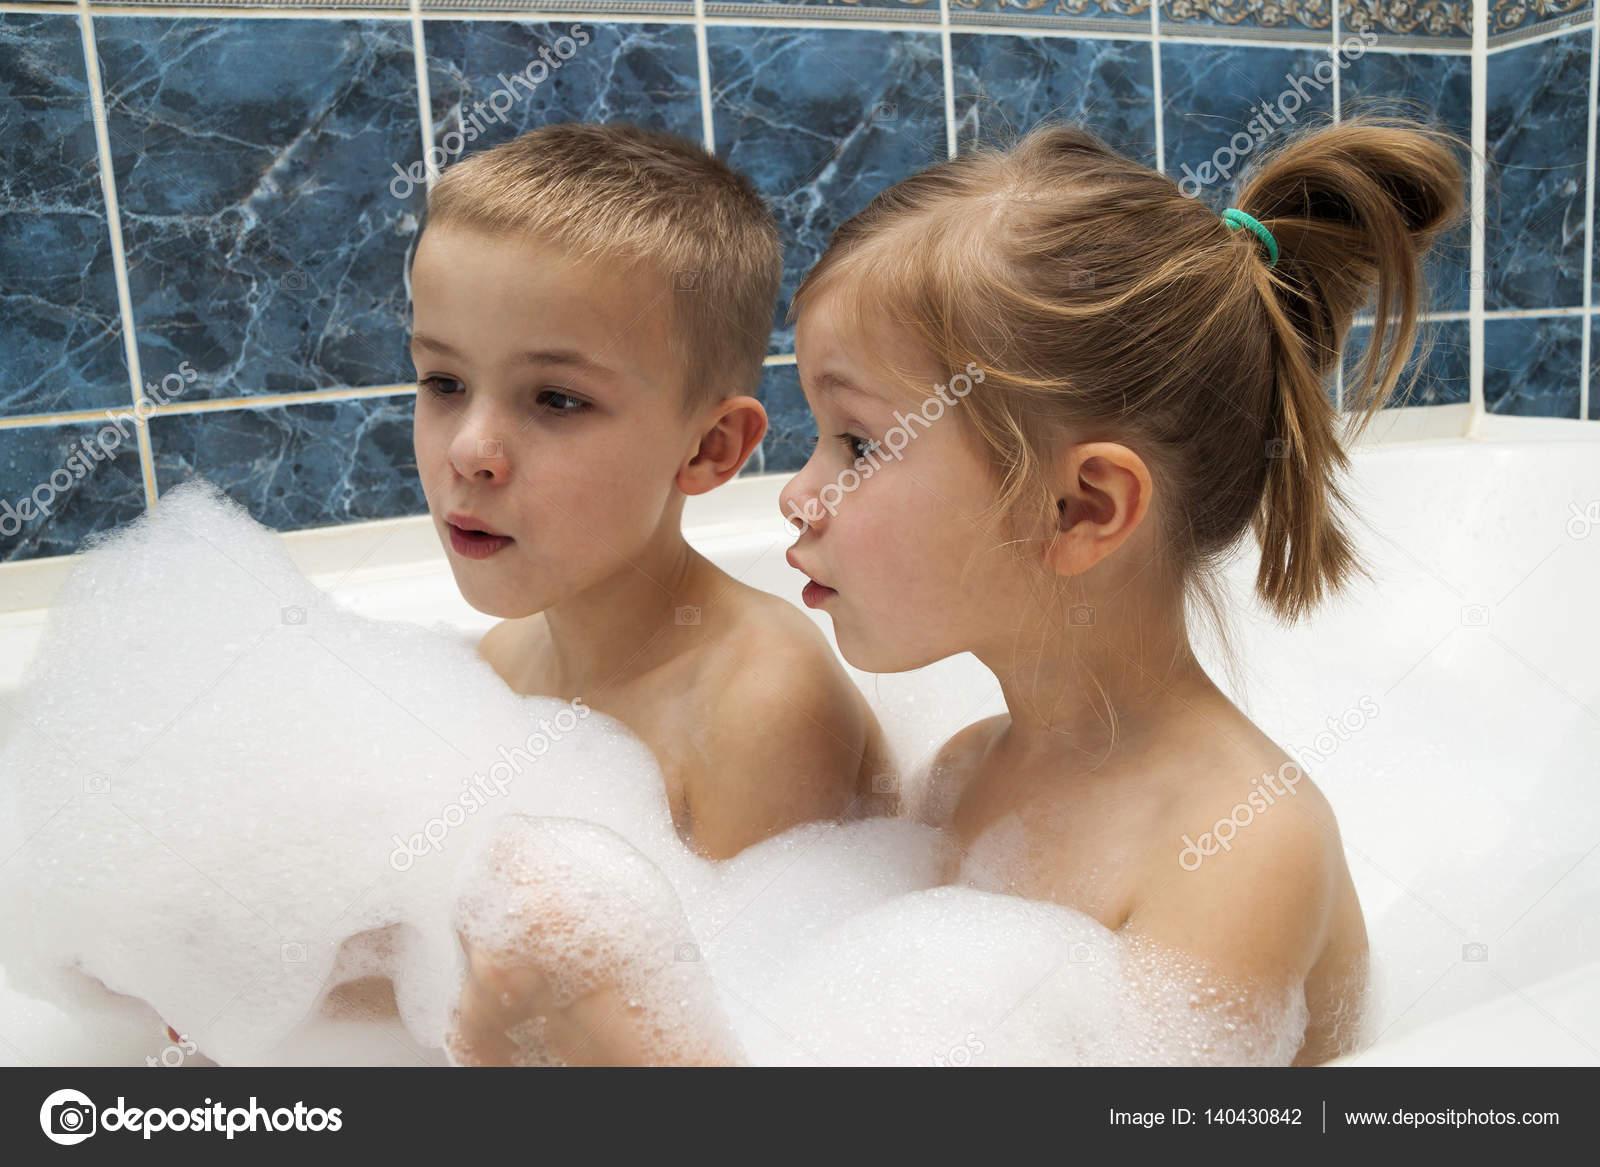 boy-and-girl-nude-little-beijing-girls-nude